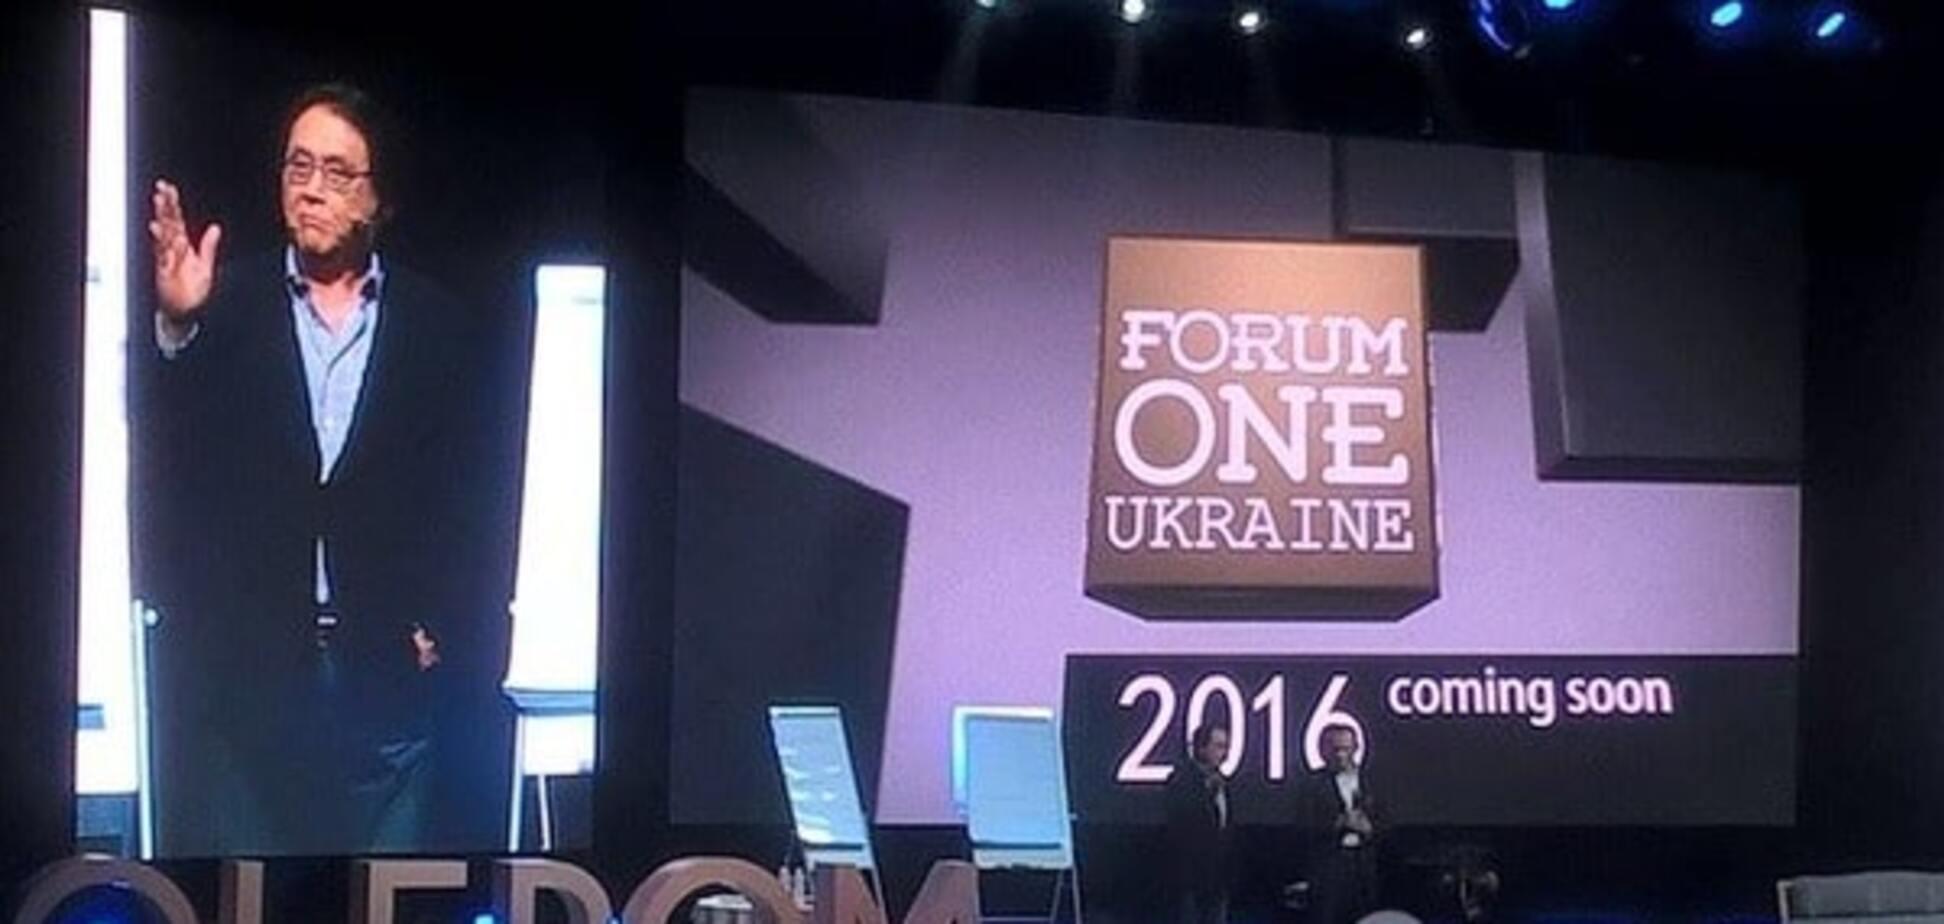 Потрібен 'план Б': Роберт Кіосакі у Києві розкрив секрет успішного бізнесу в сучасному світі